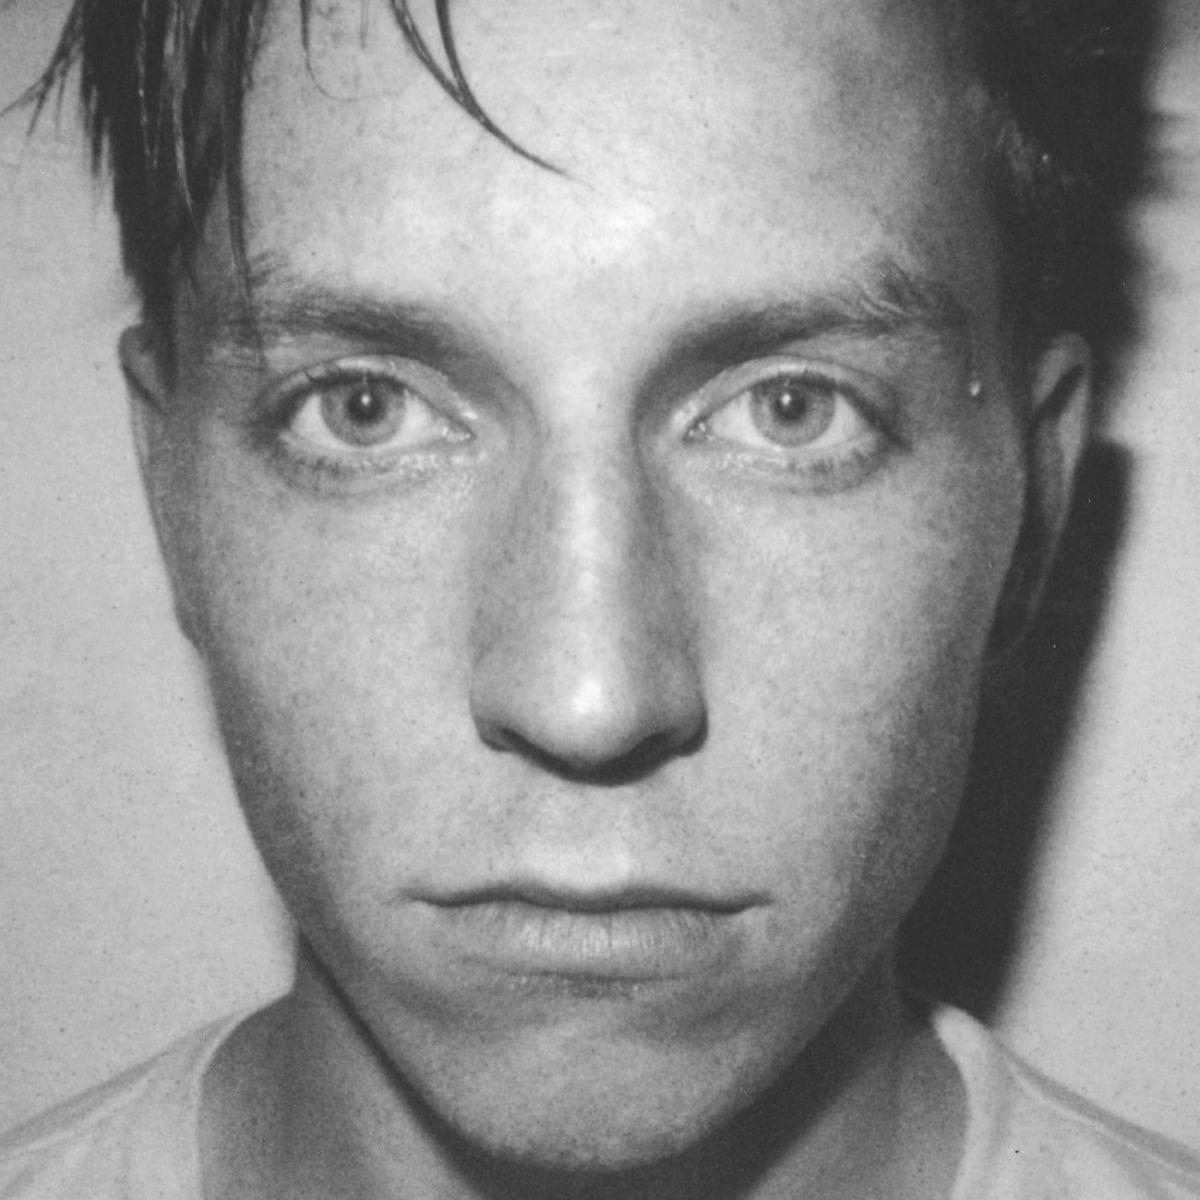 Florian-Face